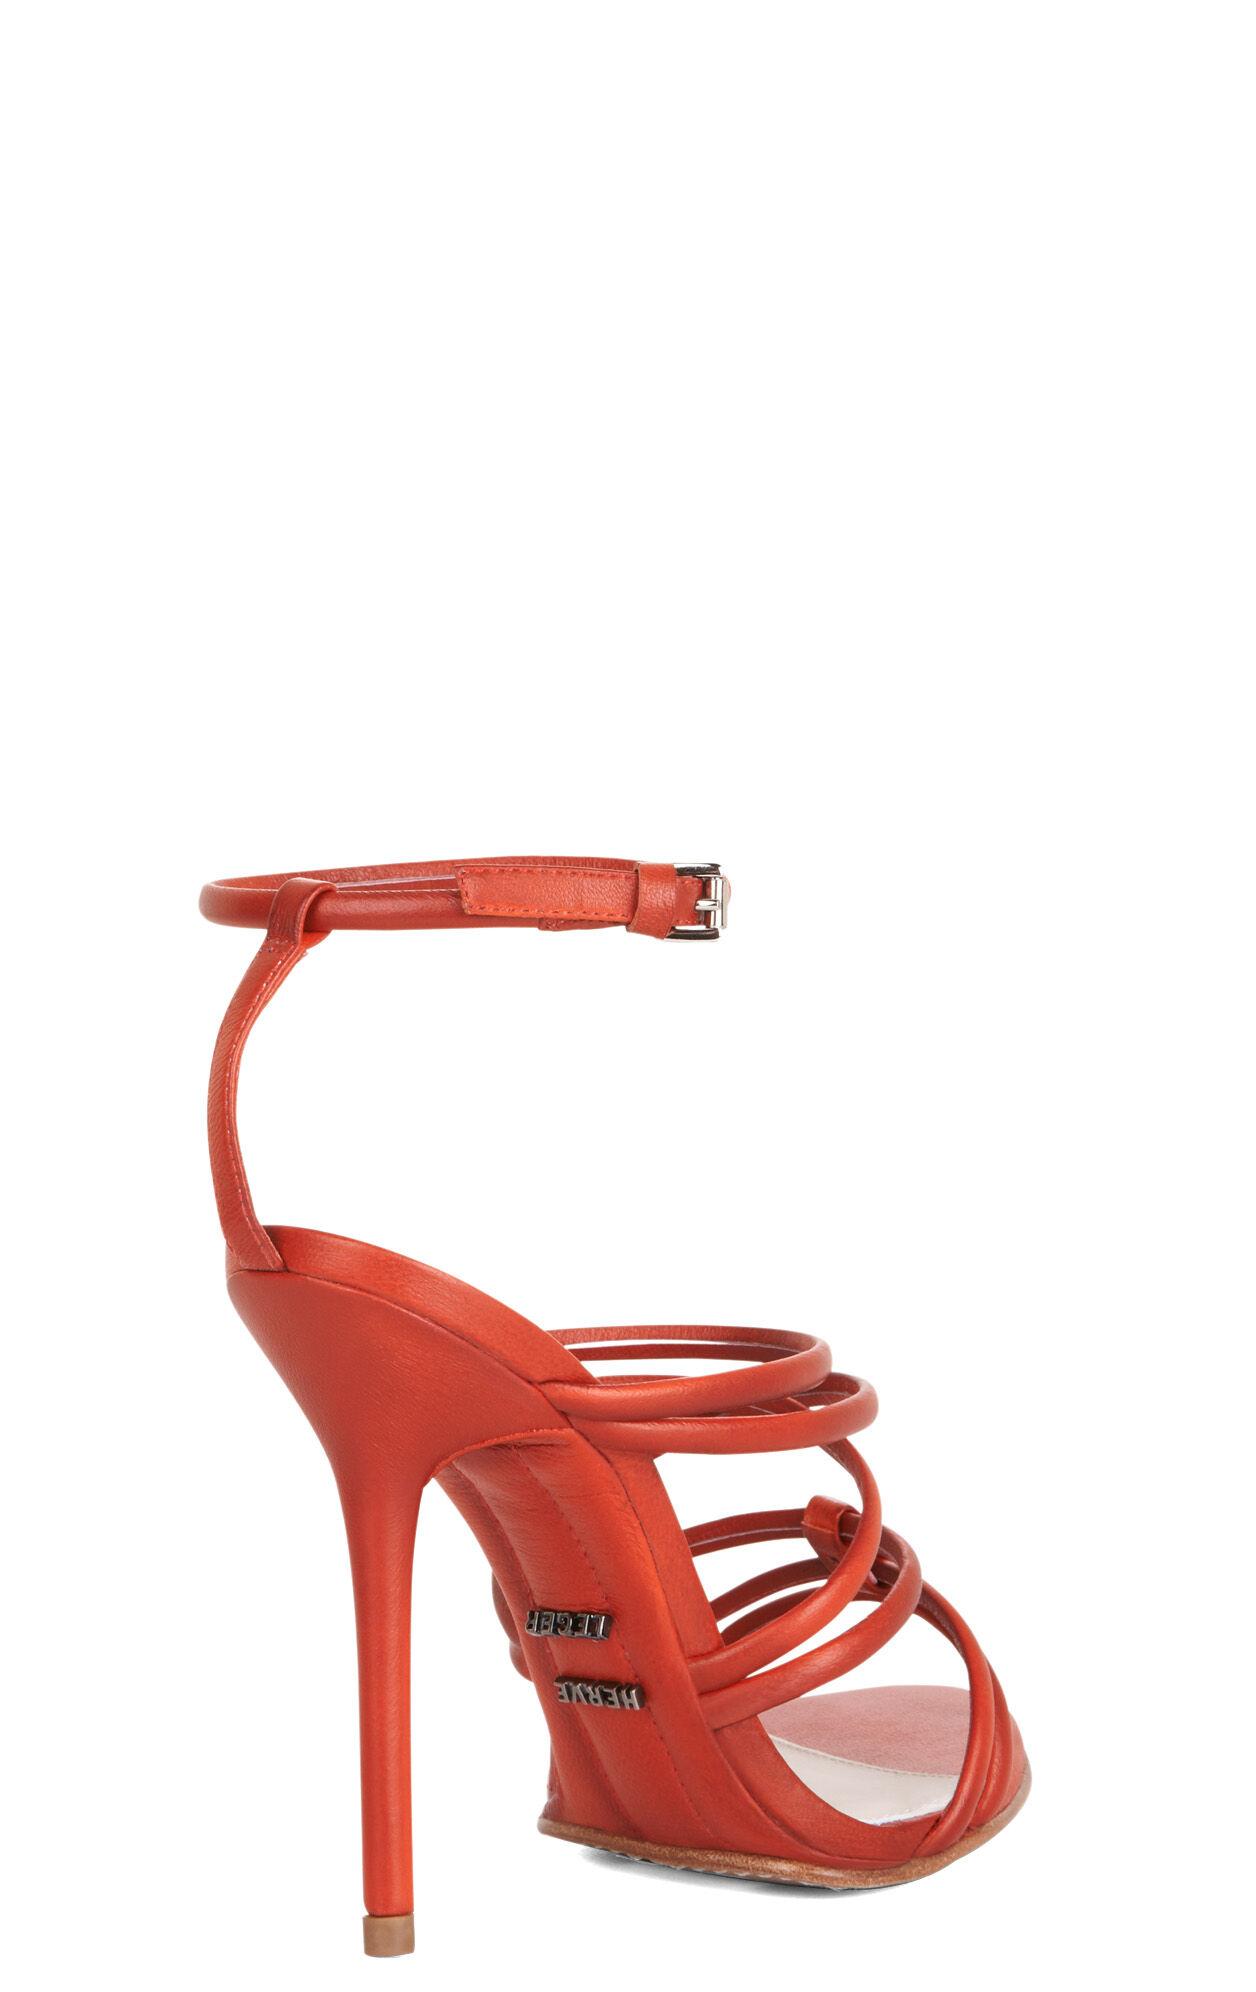 Odette Strappy High-Heel Day Sandal